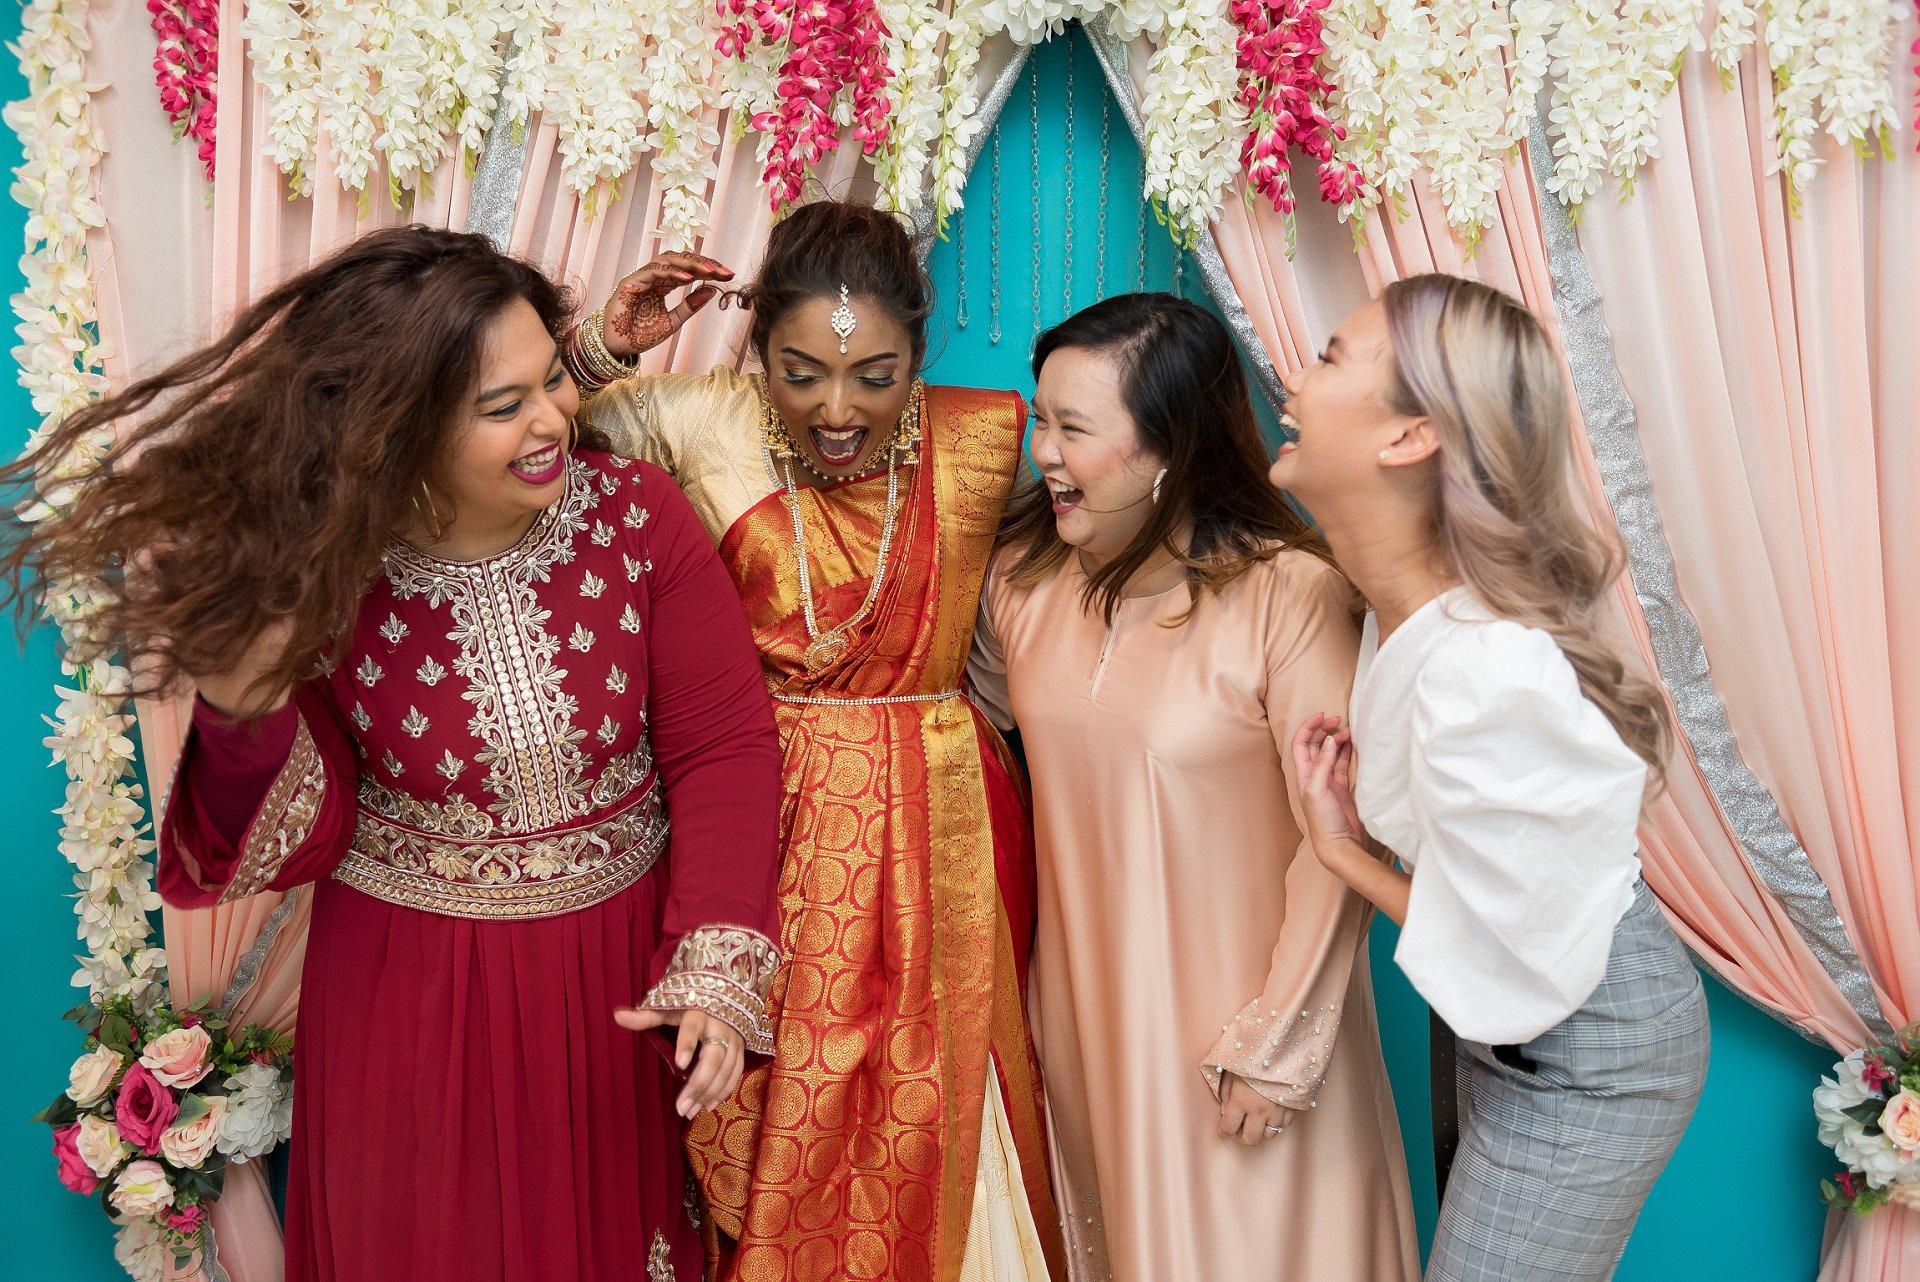 COVID-19 Elopement Photography uit Singapore | De bruid en haar collega's hebben plezier